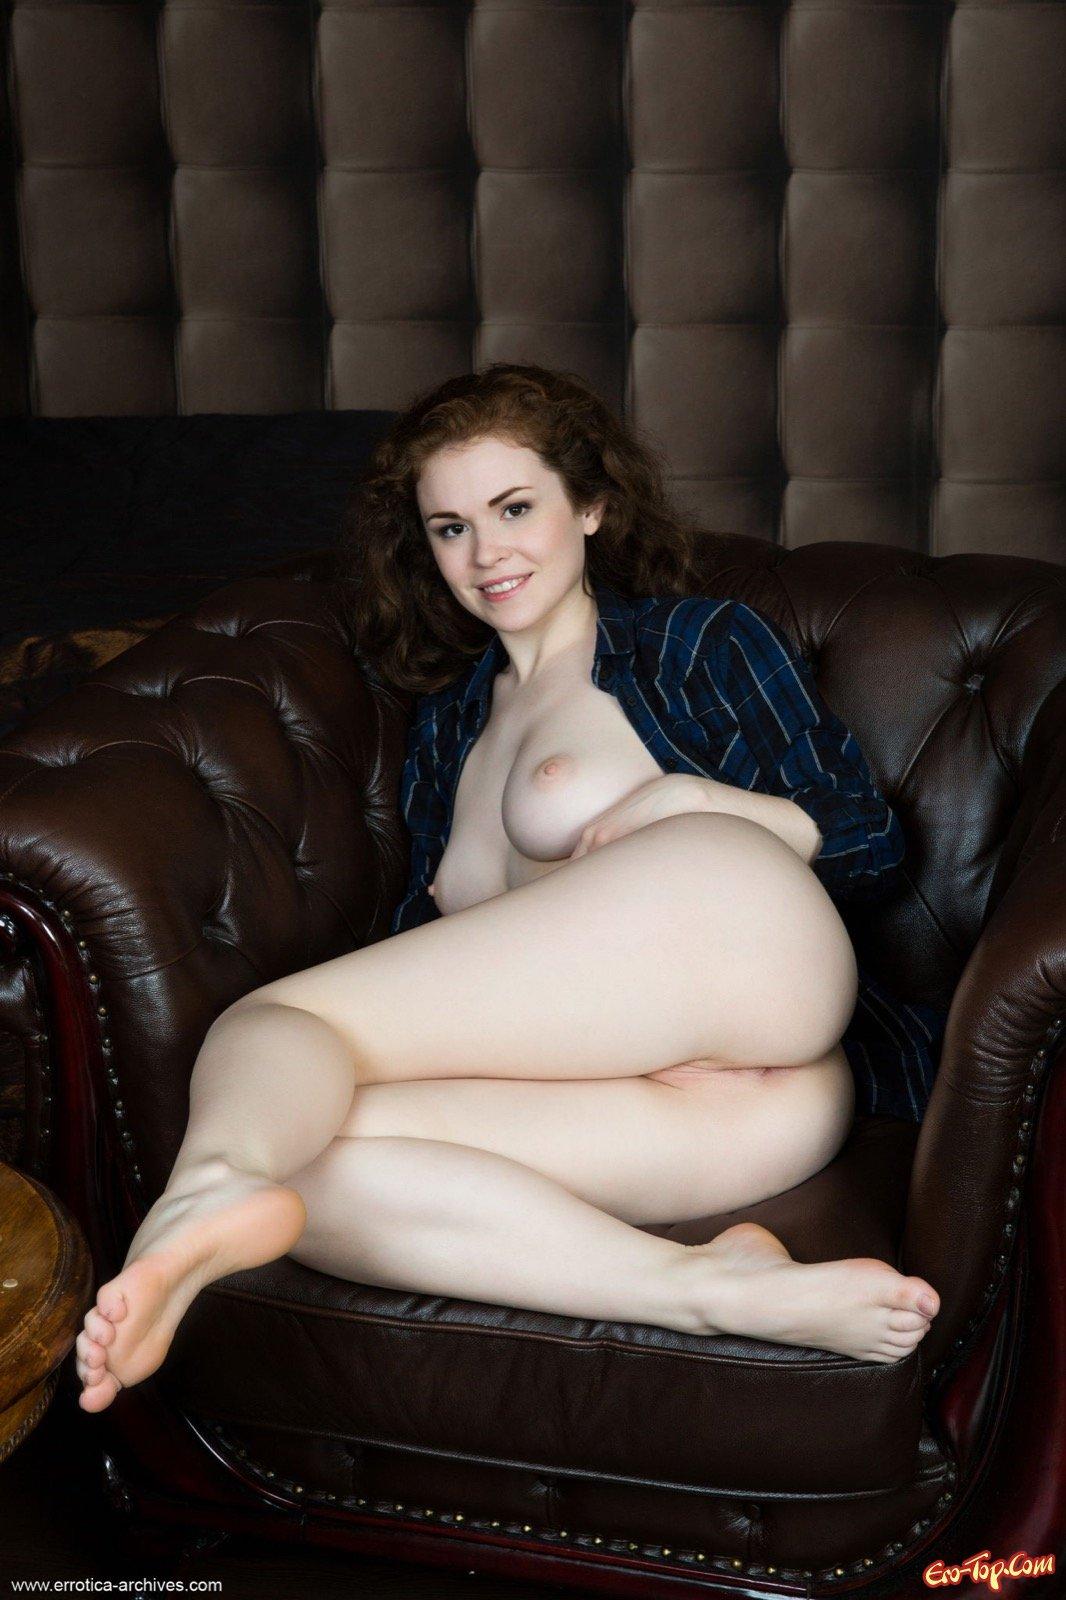 Кучерявая девушка раздевшись засветила грудь и киску